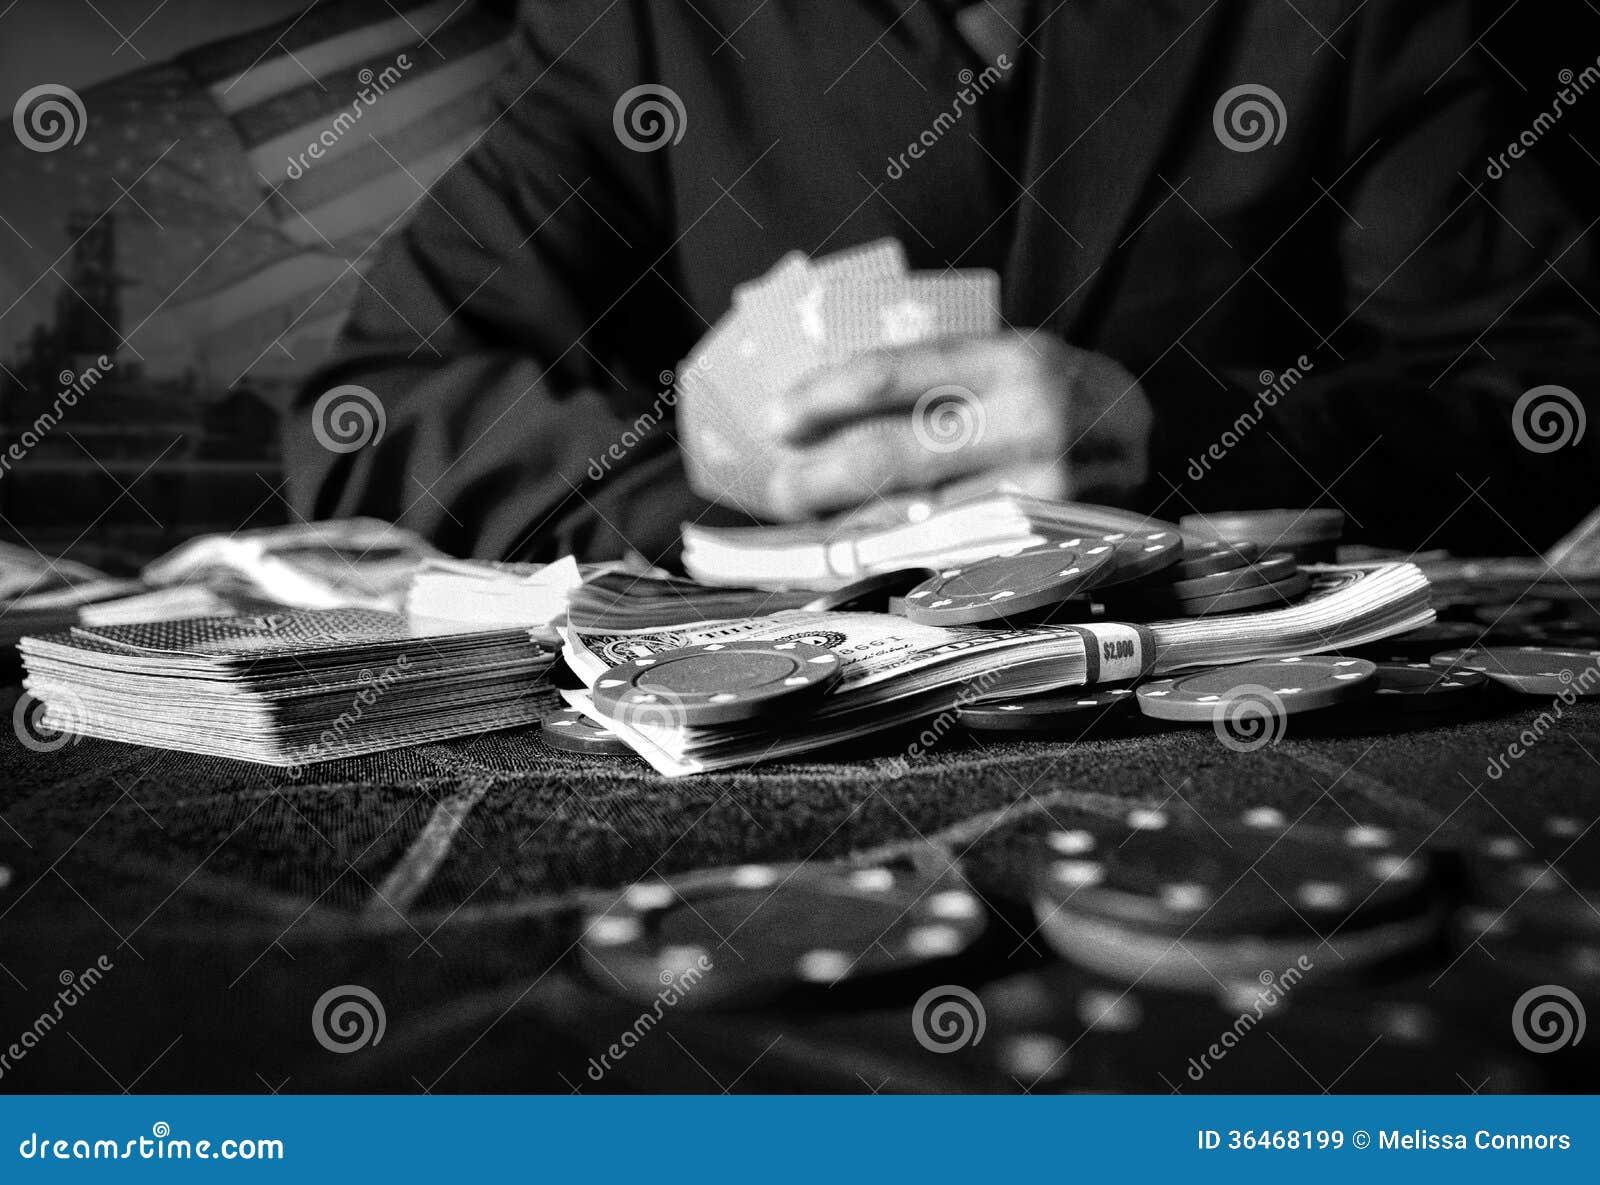 Dream factory poker